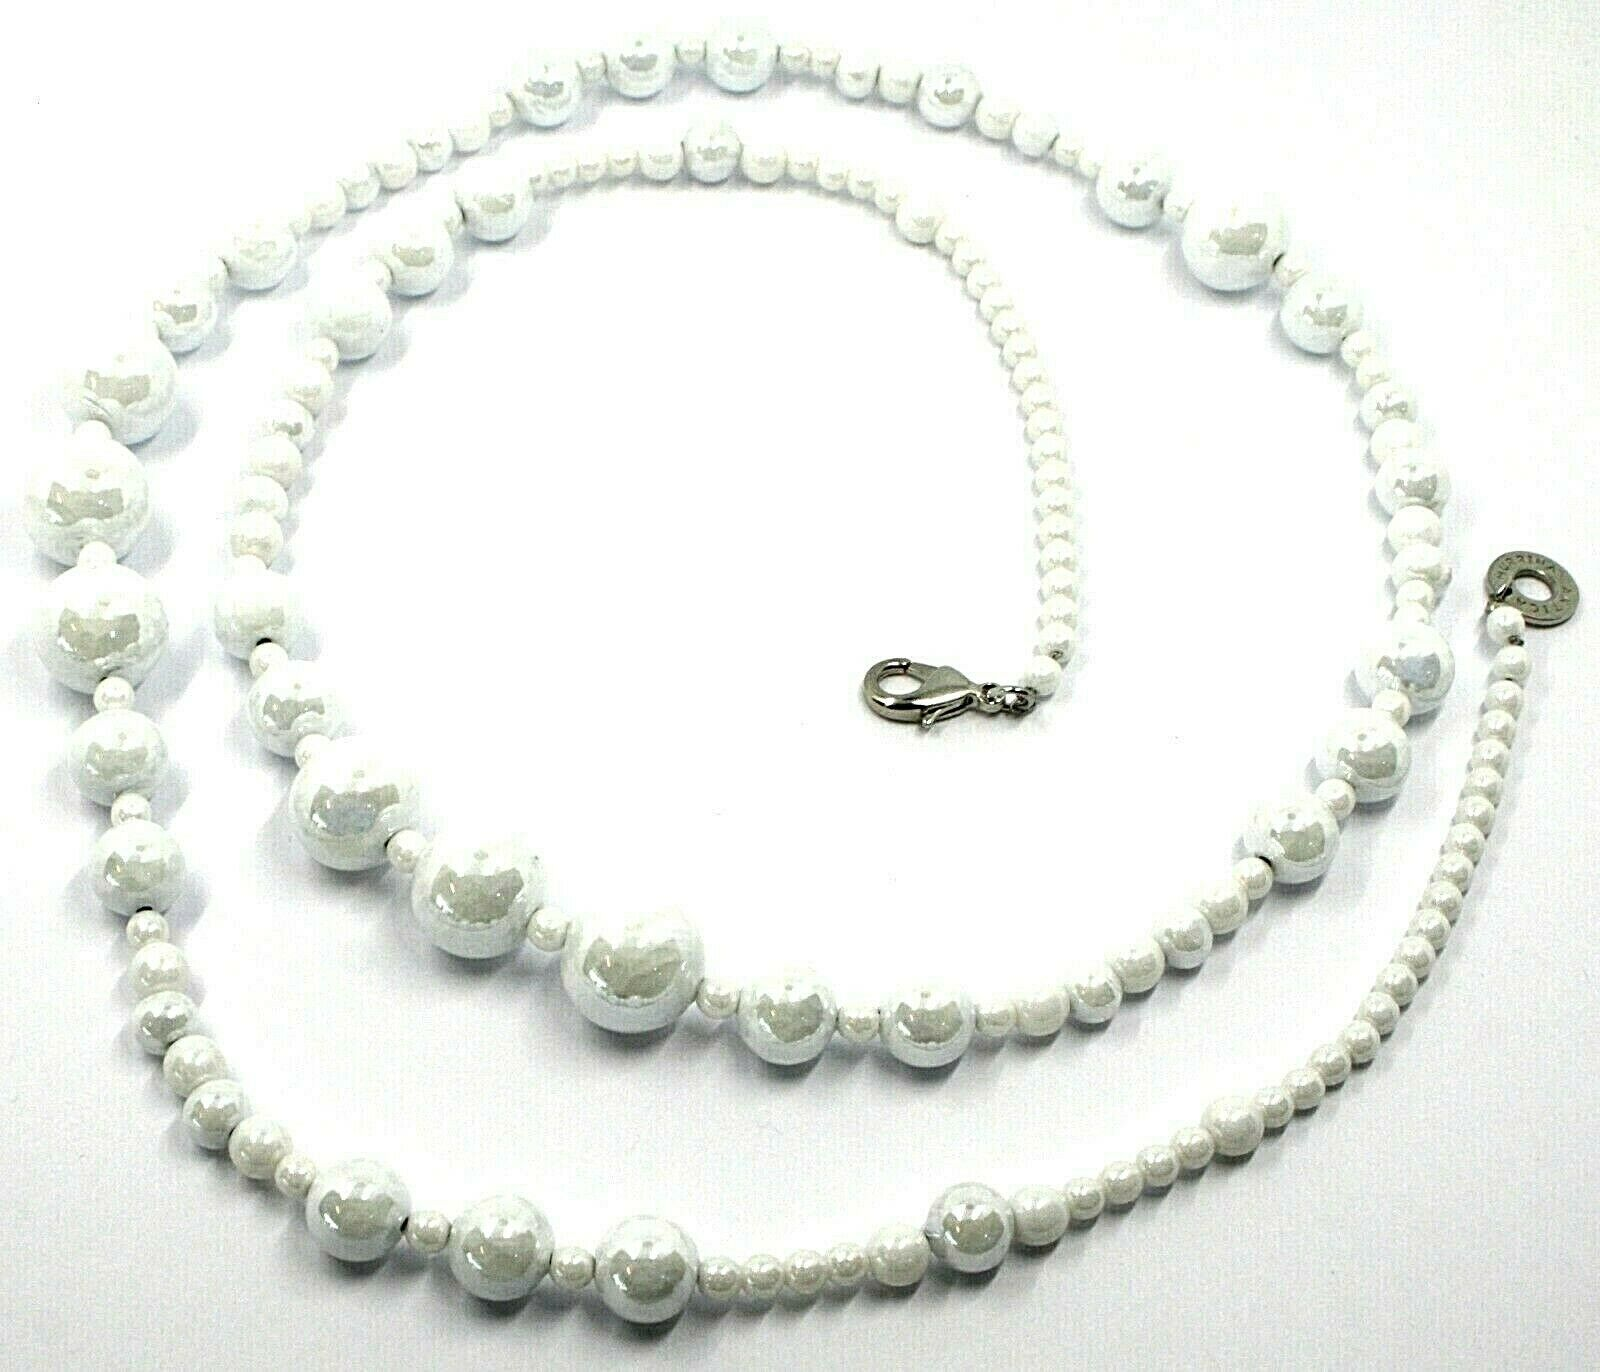 Necklace Antica Murrina Venezia, CO971A01, Spheres White, Length 90 CM